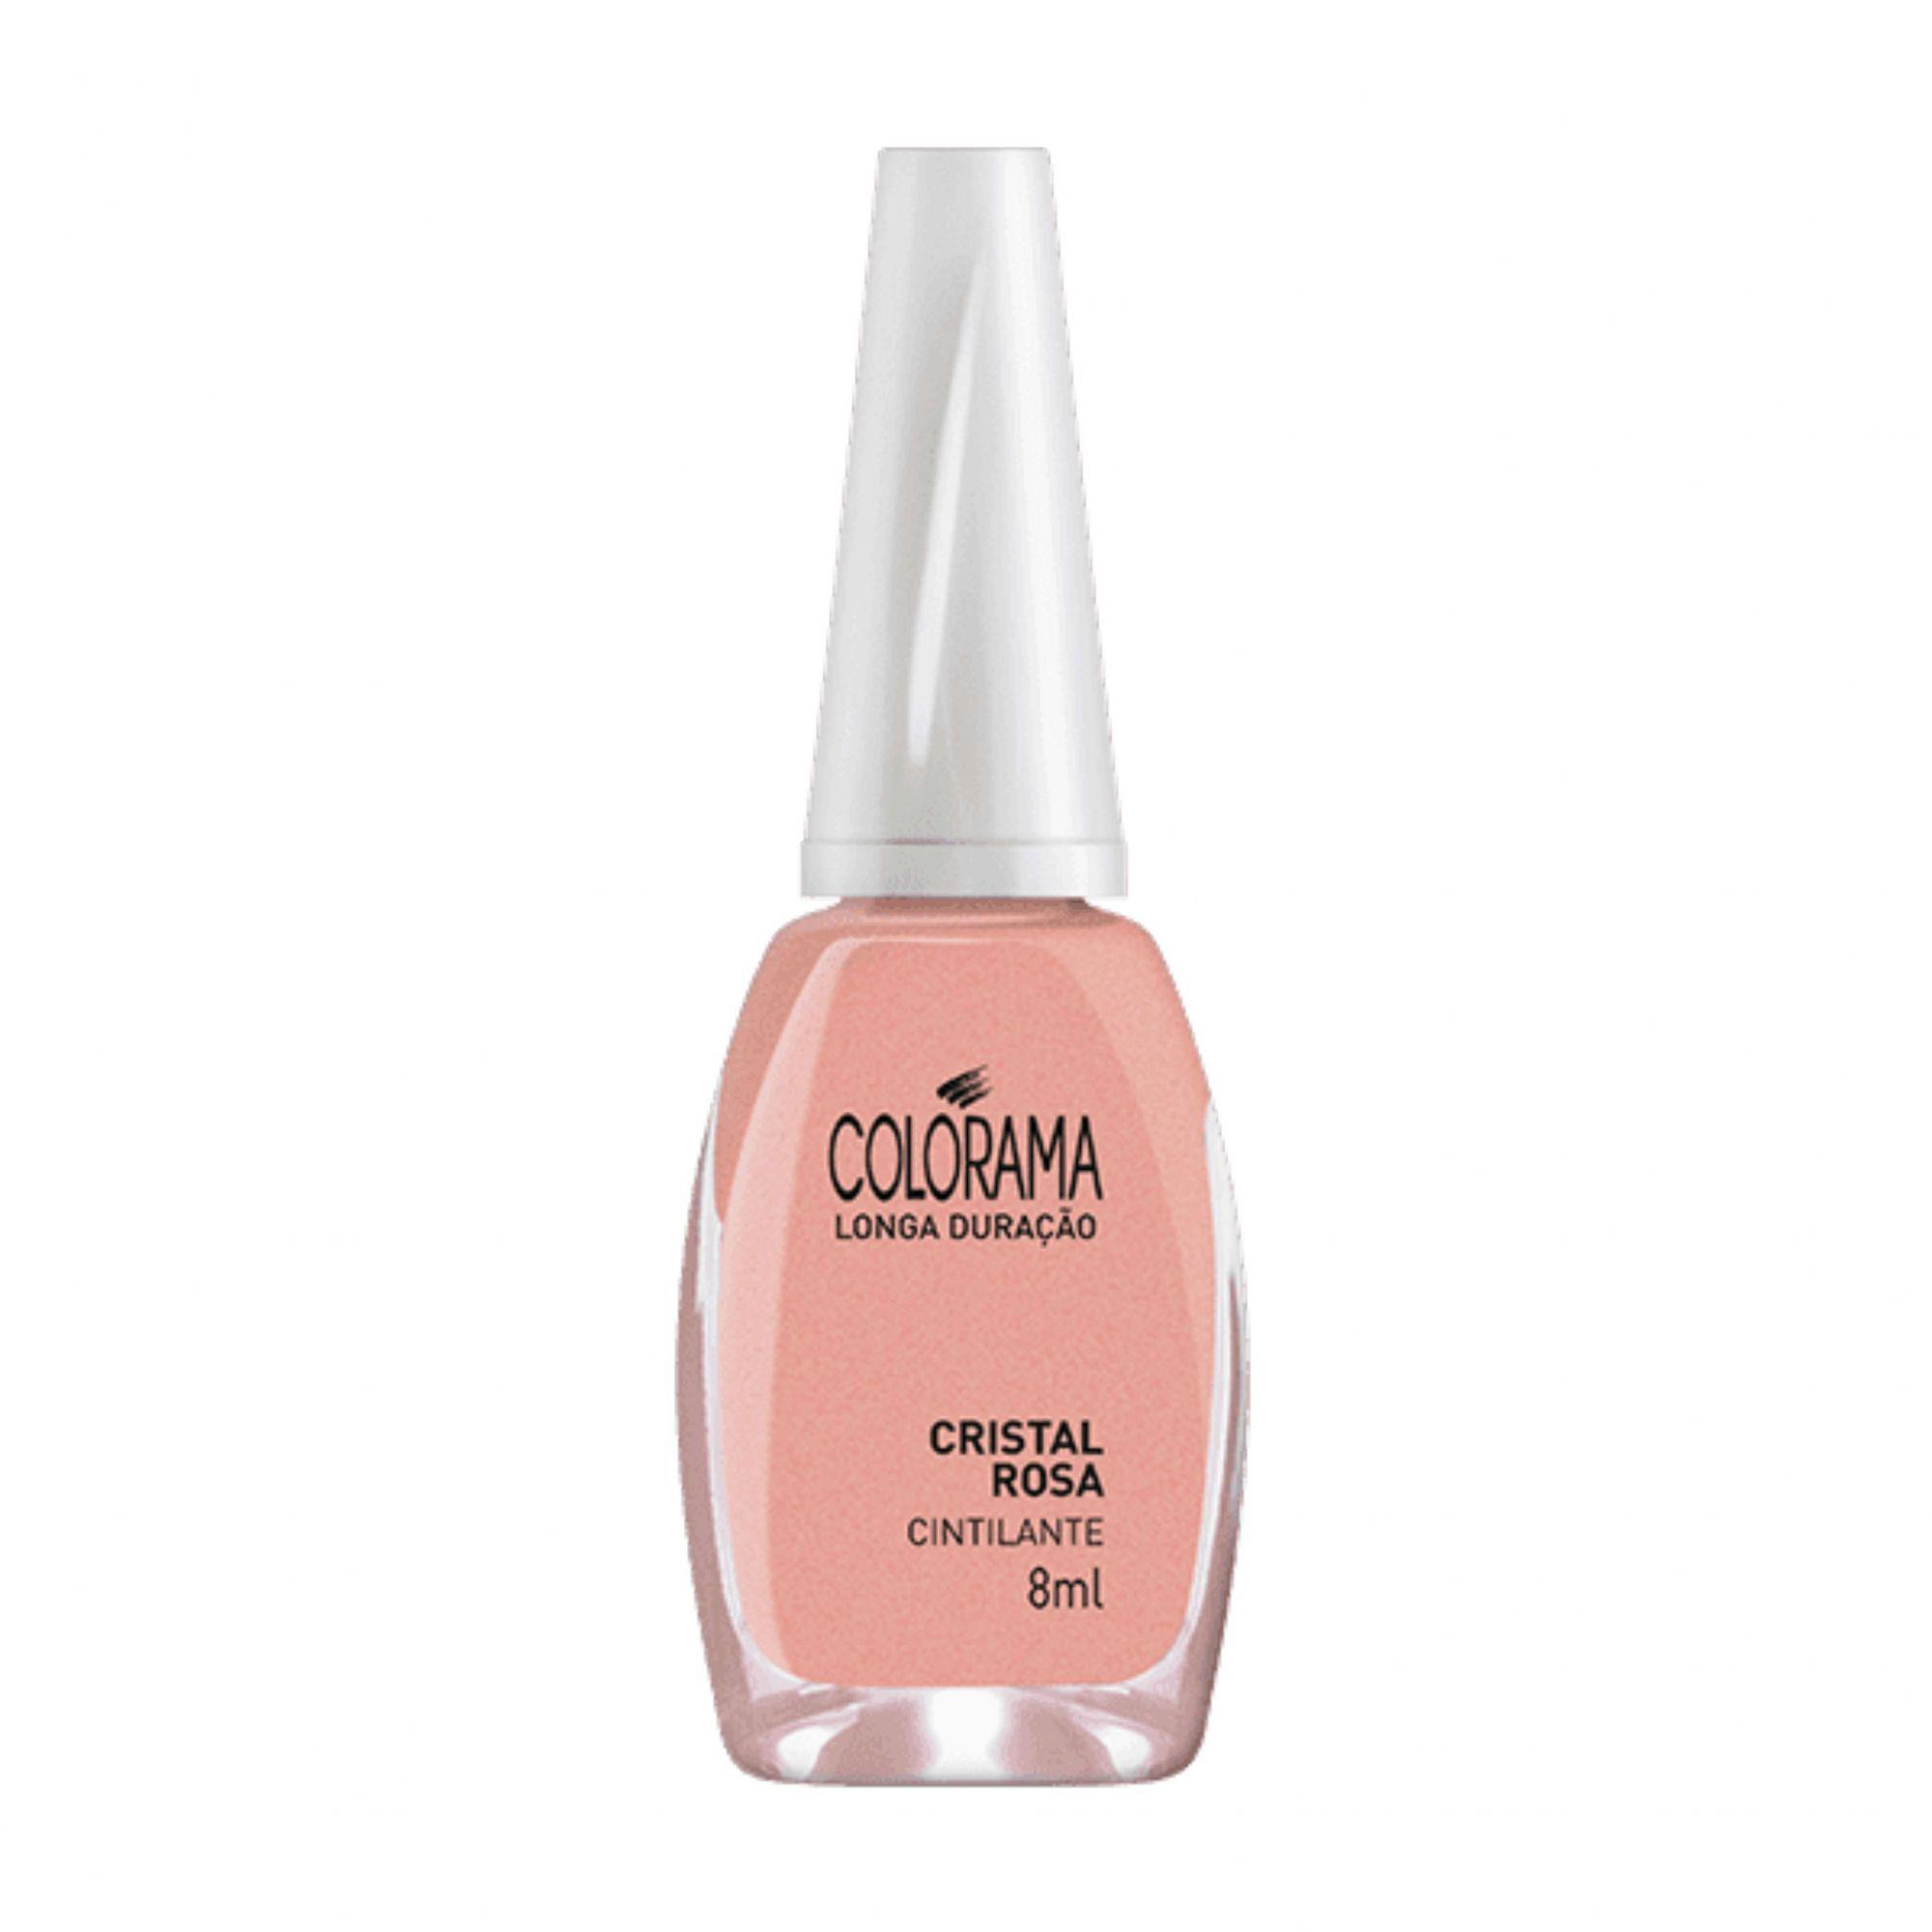 Esmalte Colorama Cristal Rosa Cintilante